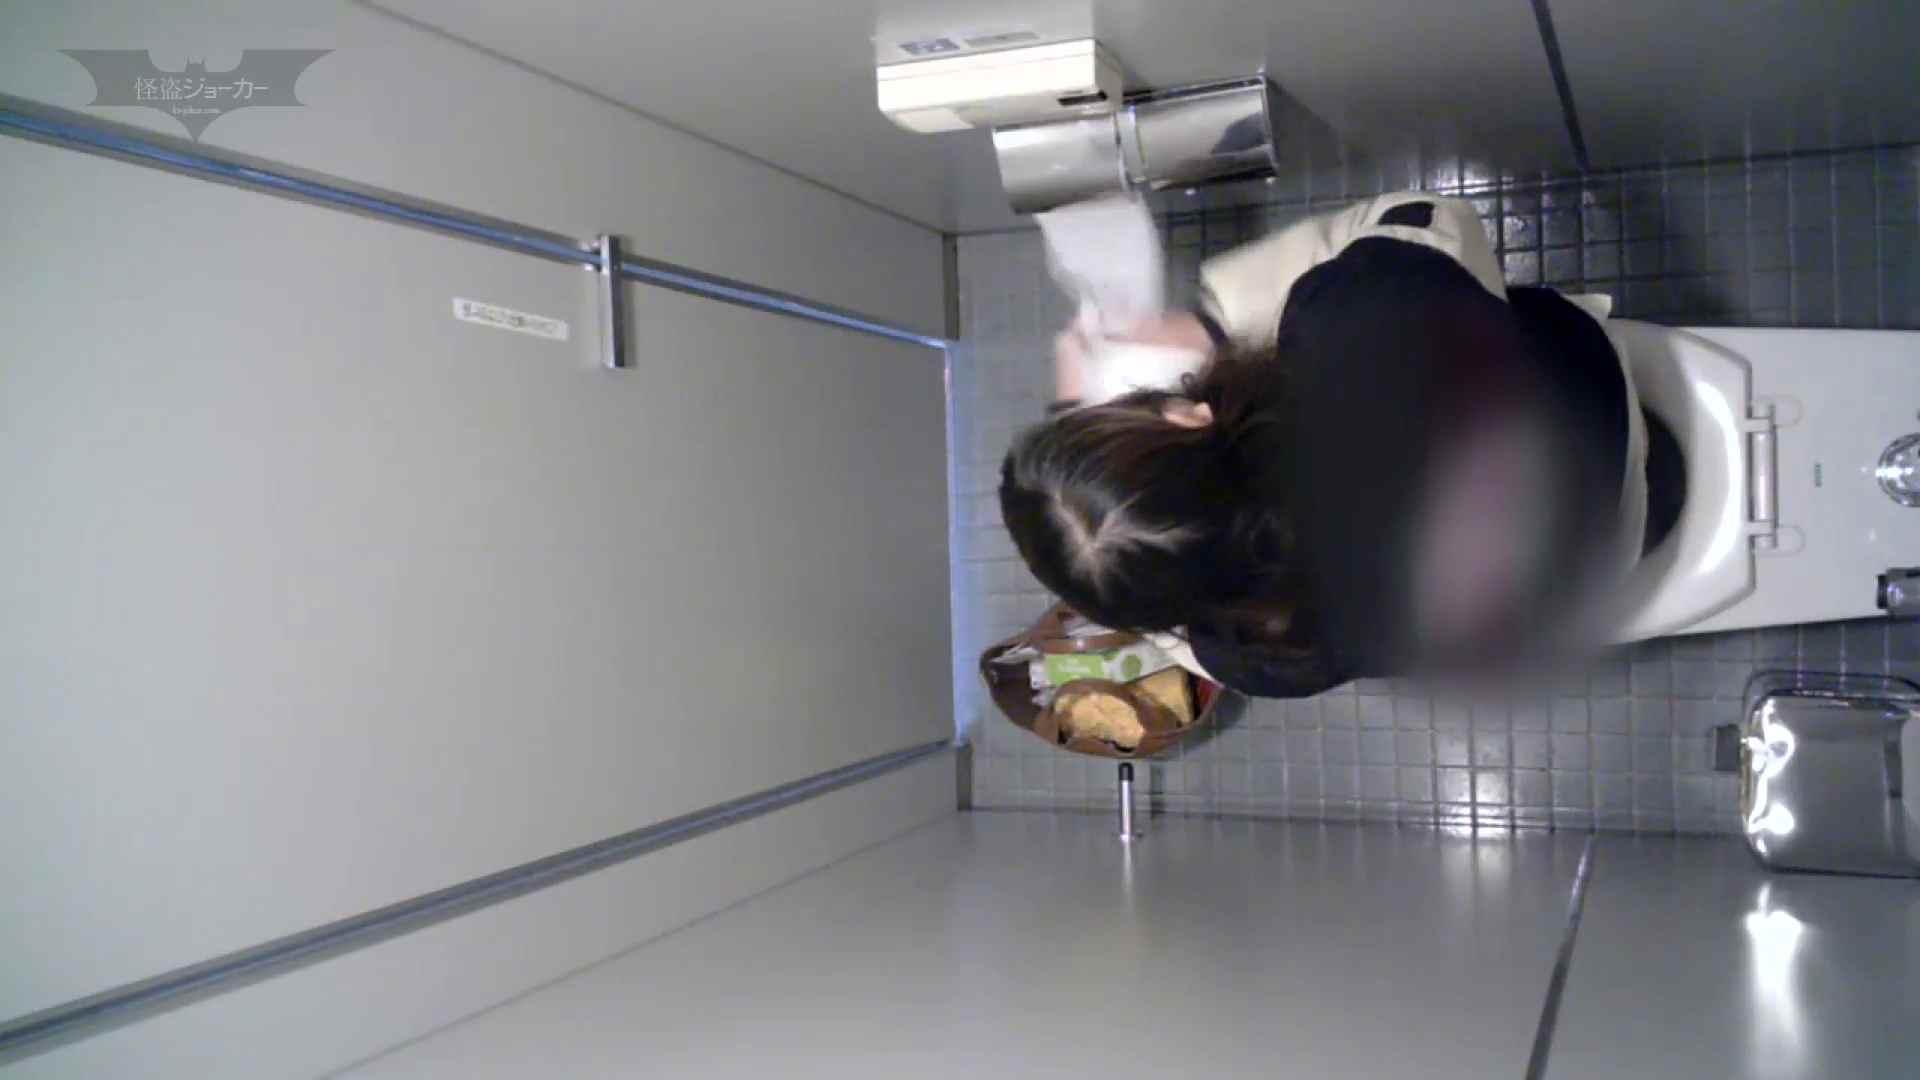 有名大学女性洗面所 vol.58 アンダーヘアーも冬支度? 丸見え 濡れ場動画紹介 111画像 23